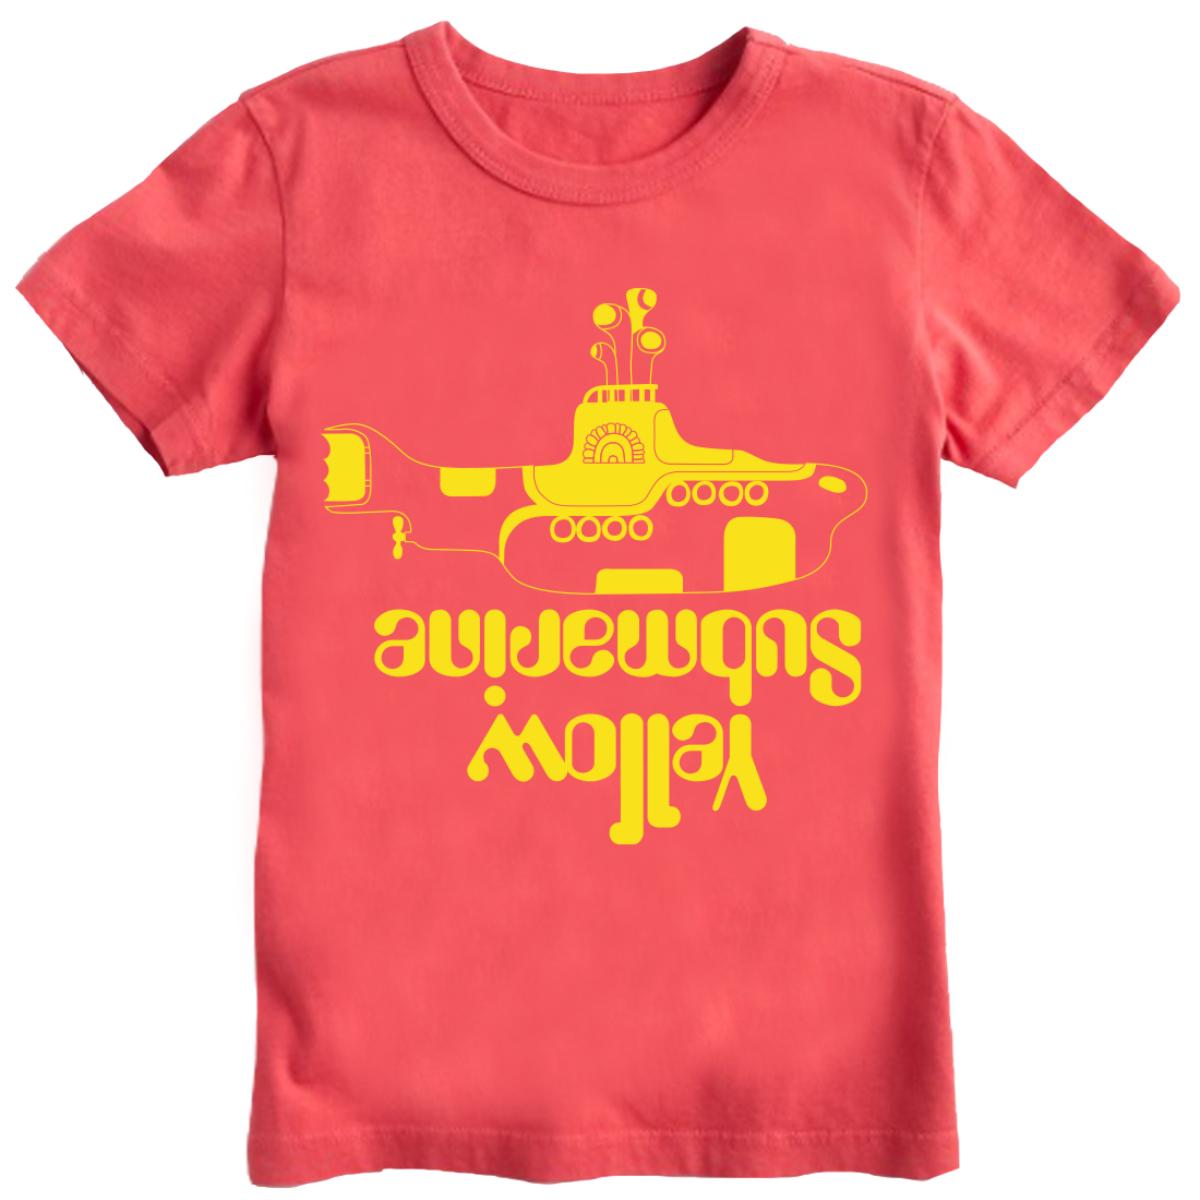 Yellow Sub Crew Cuts Kid's T-Shirt